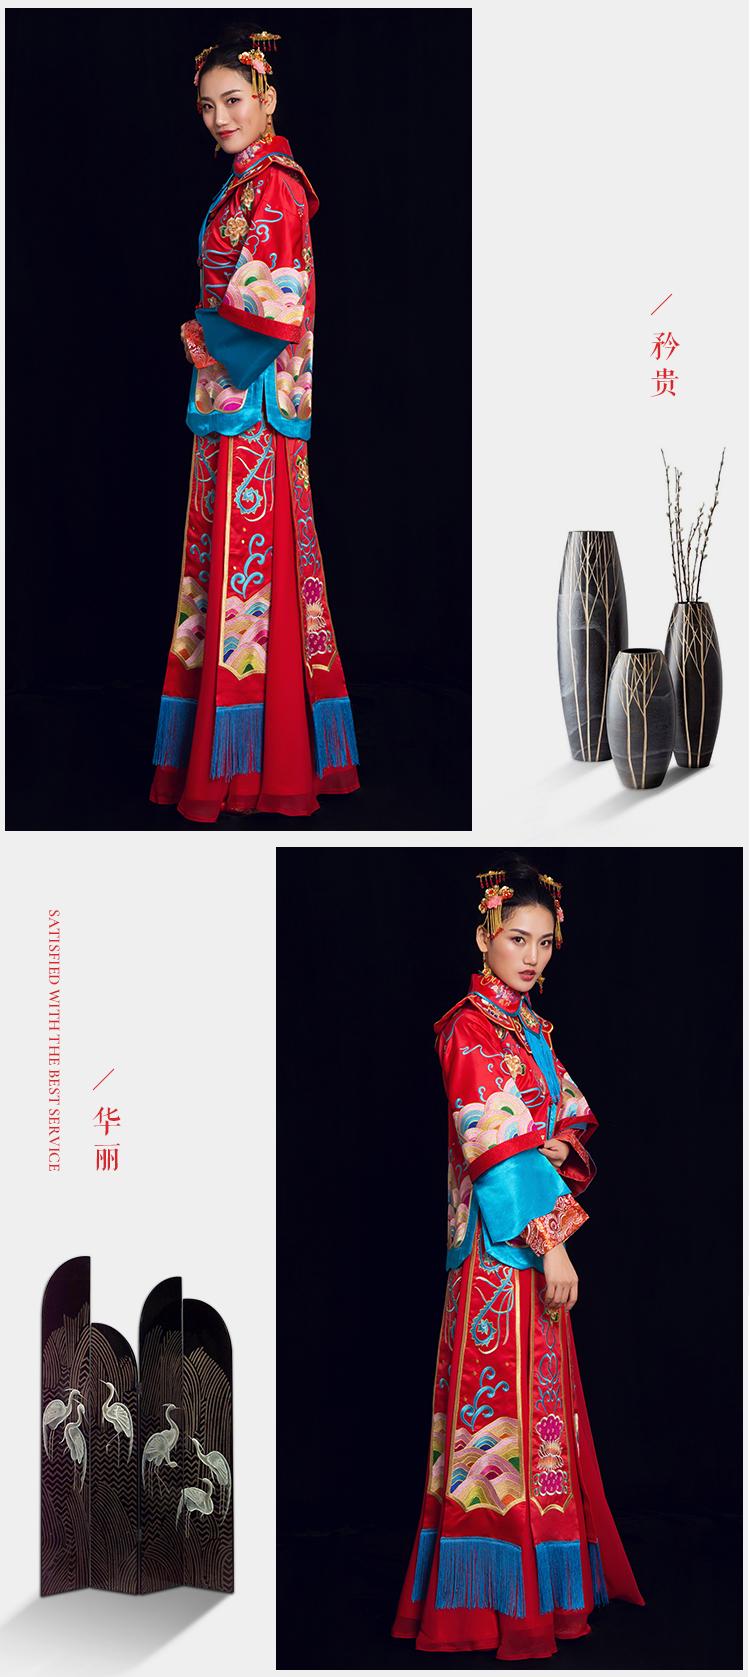 七彩祥云中式礼服:一款唯美幸福的新娘礼服